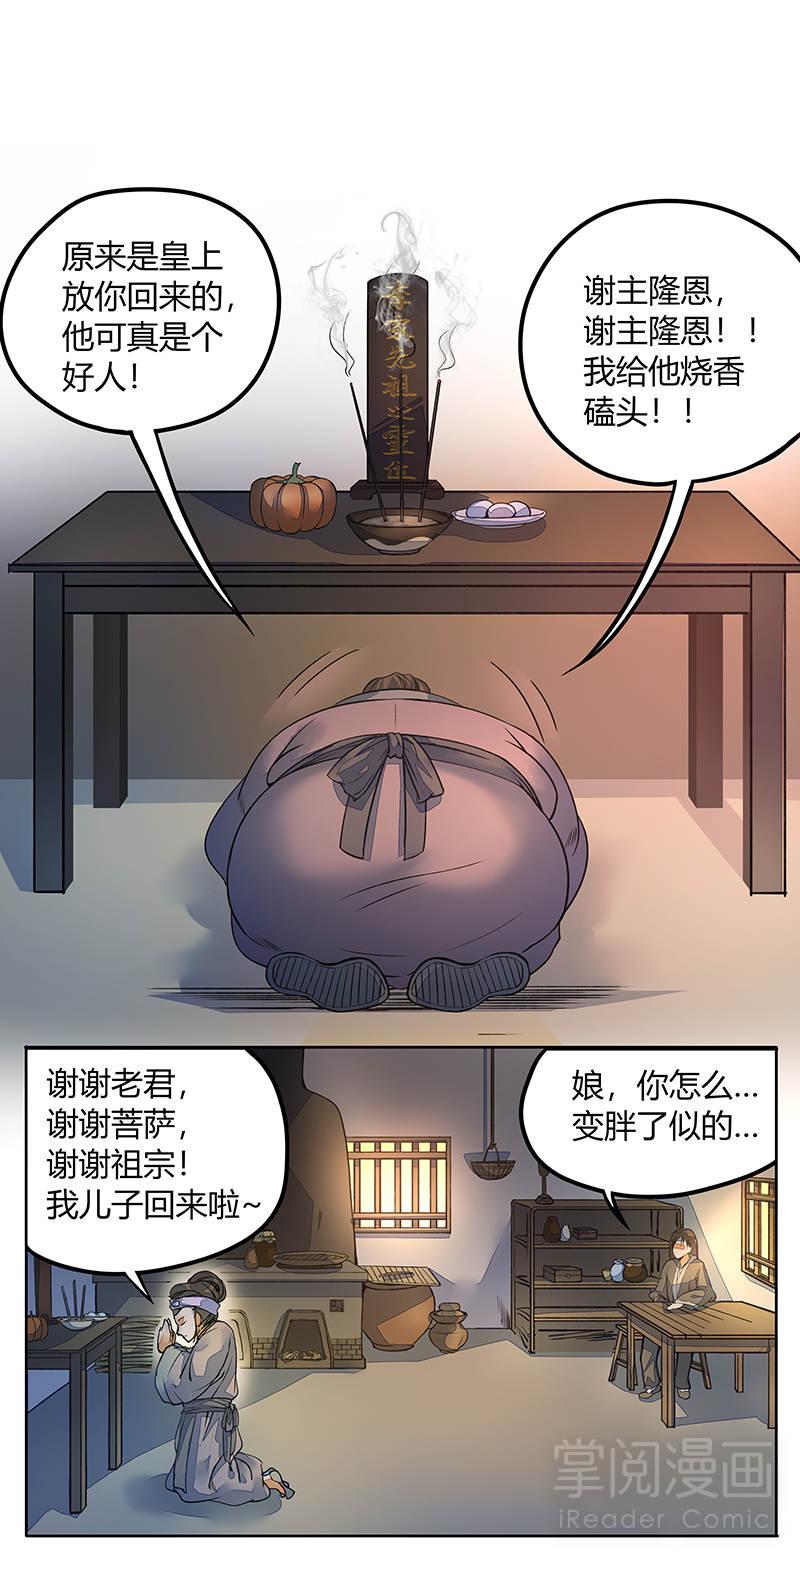 逍遥游第9话  邻家有女妙吉祥 第 10